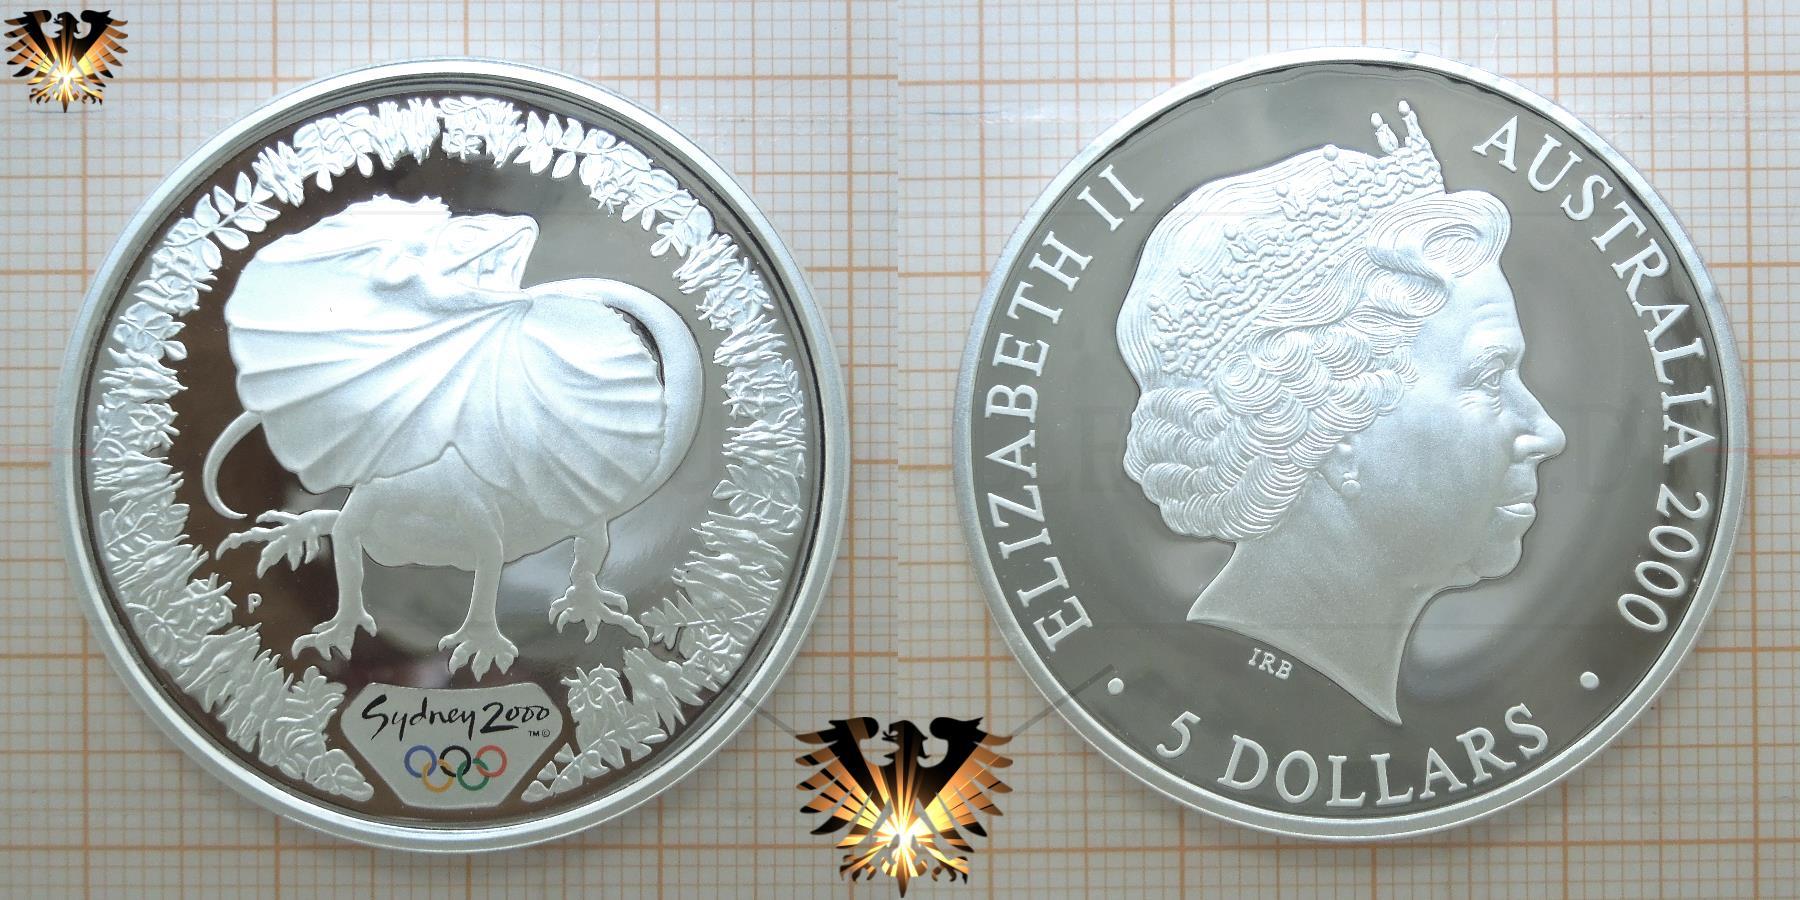 100 Aud Australien Dollars Zur Olympiade 2000 In Sydney Wertvolle